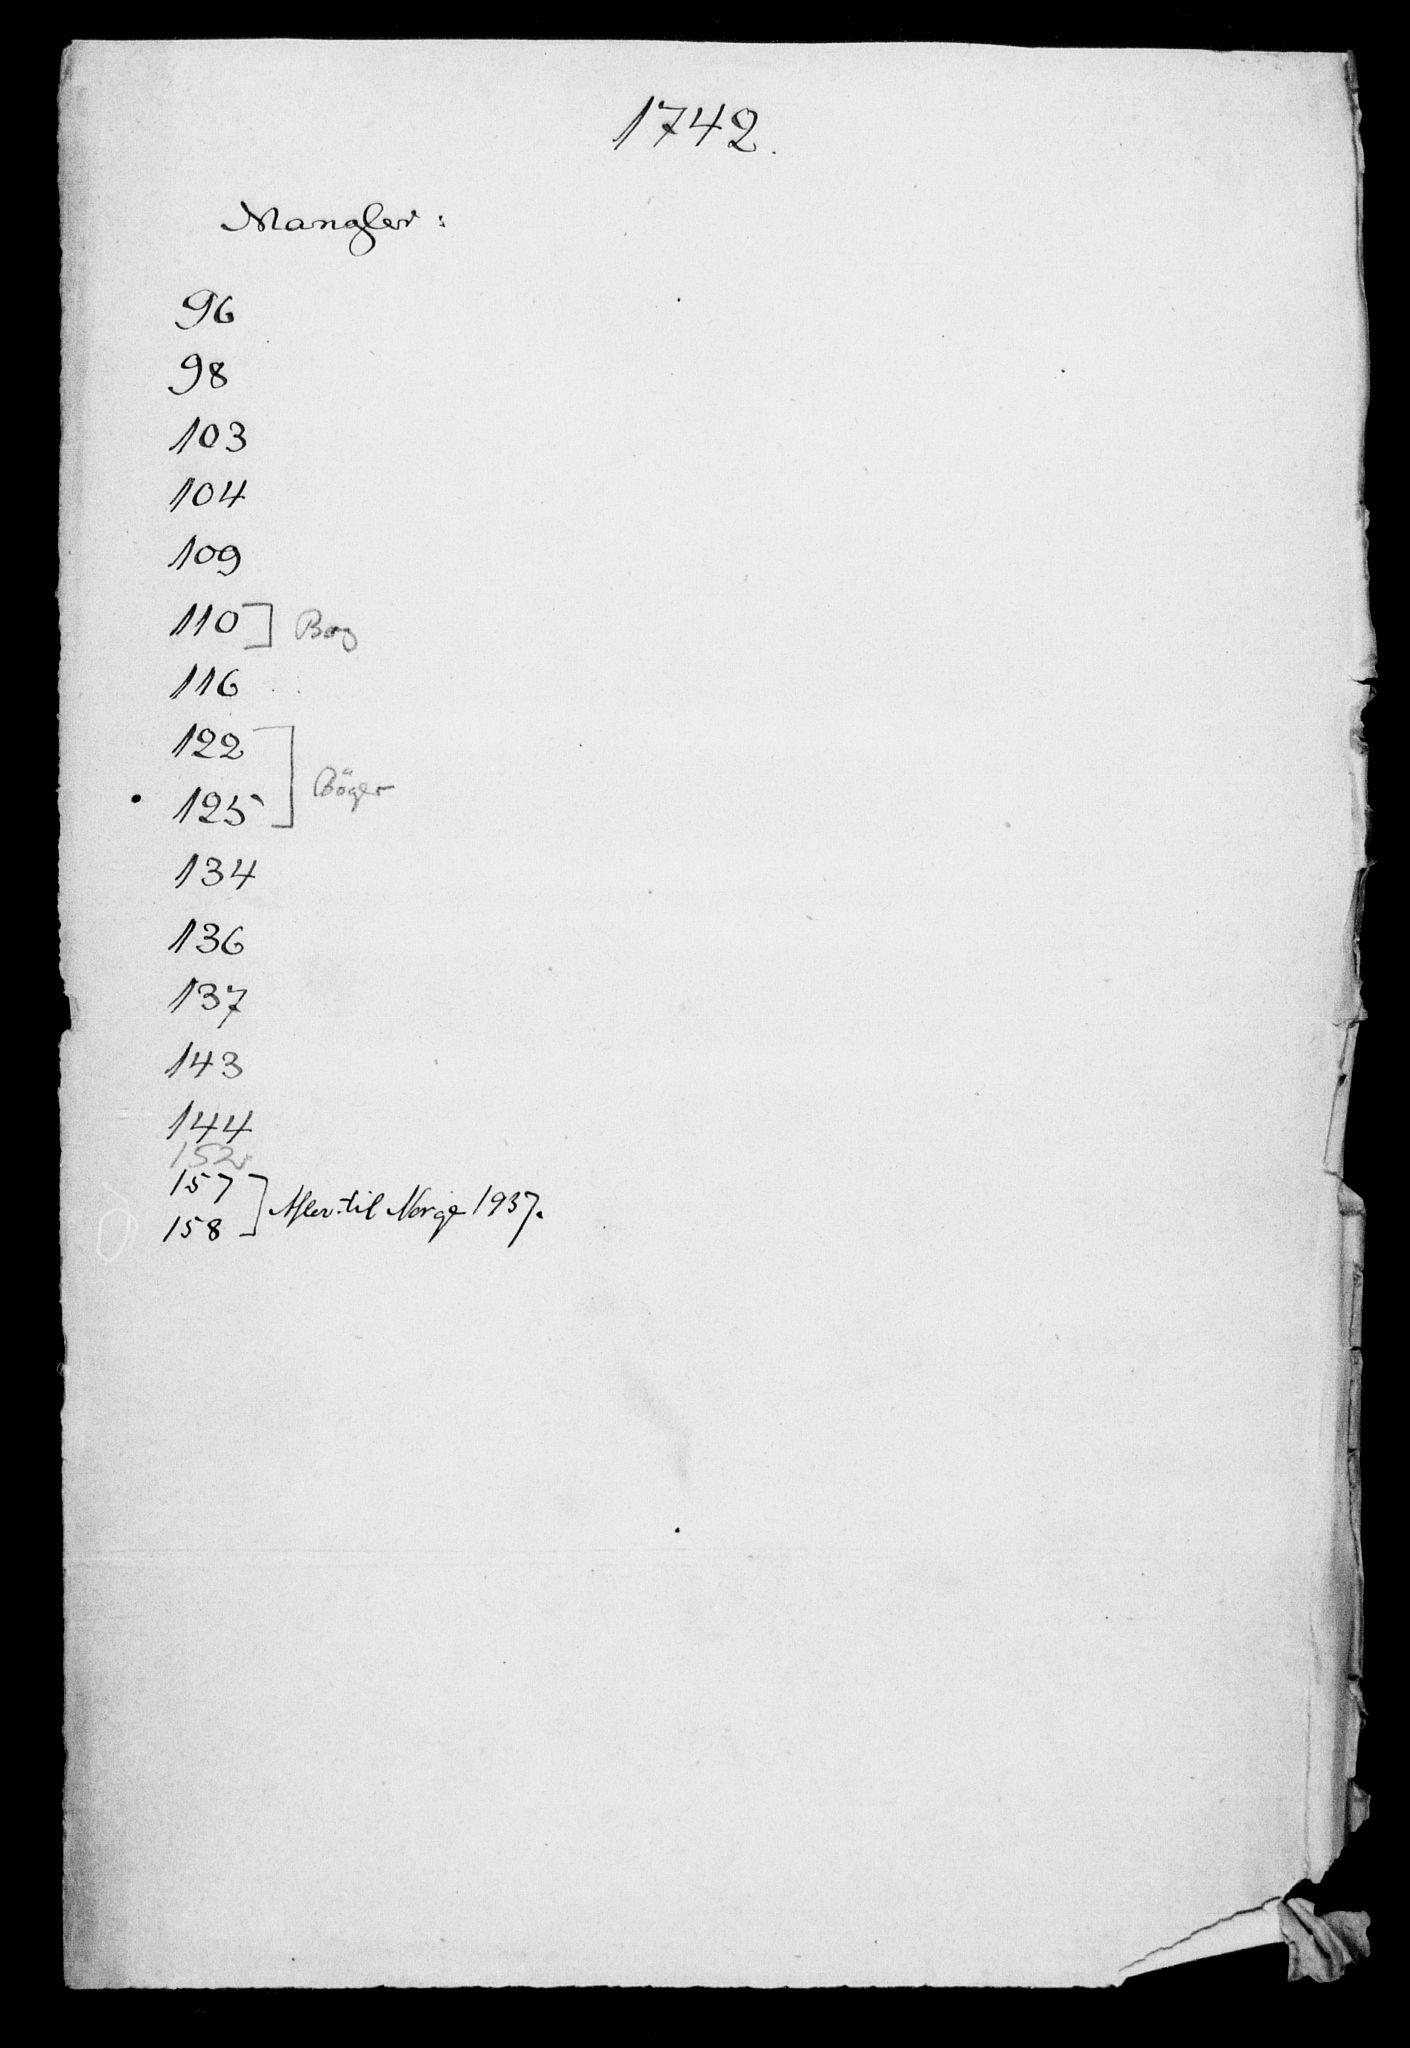 DRA, Generalkirkeinspektionskollegiet, F4-06/F4-06-09: Protokollerede indkomne sager, 1742